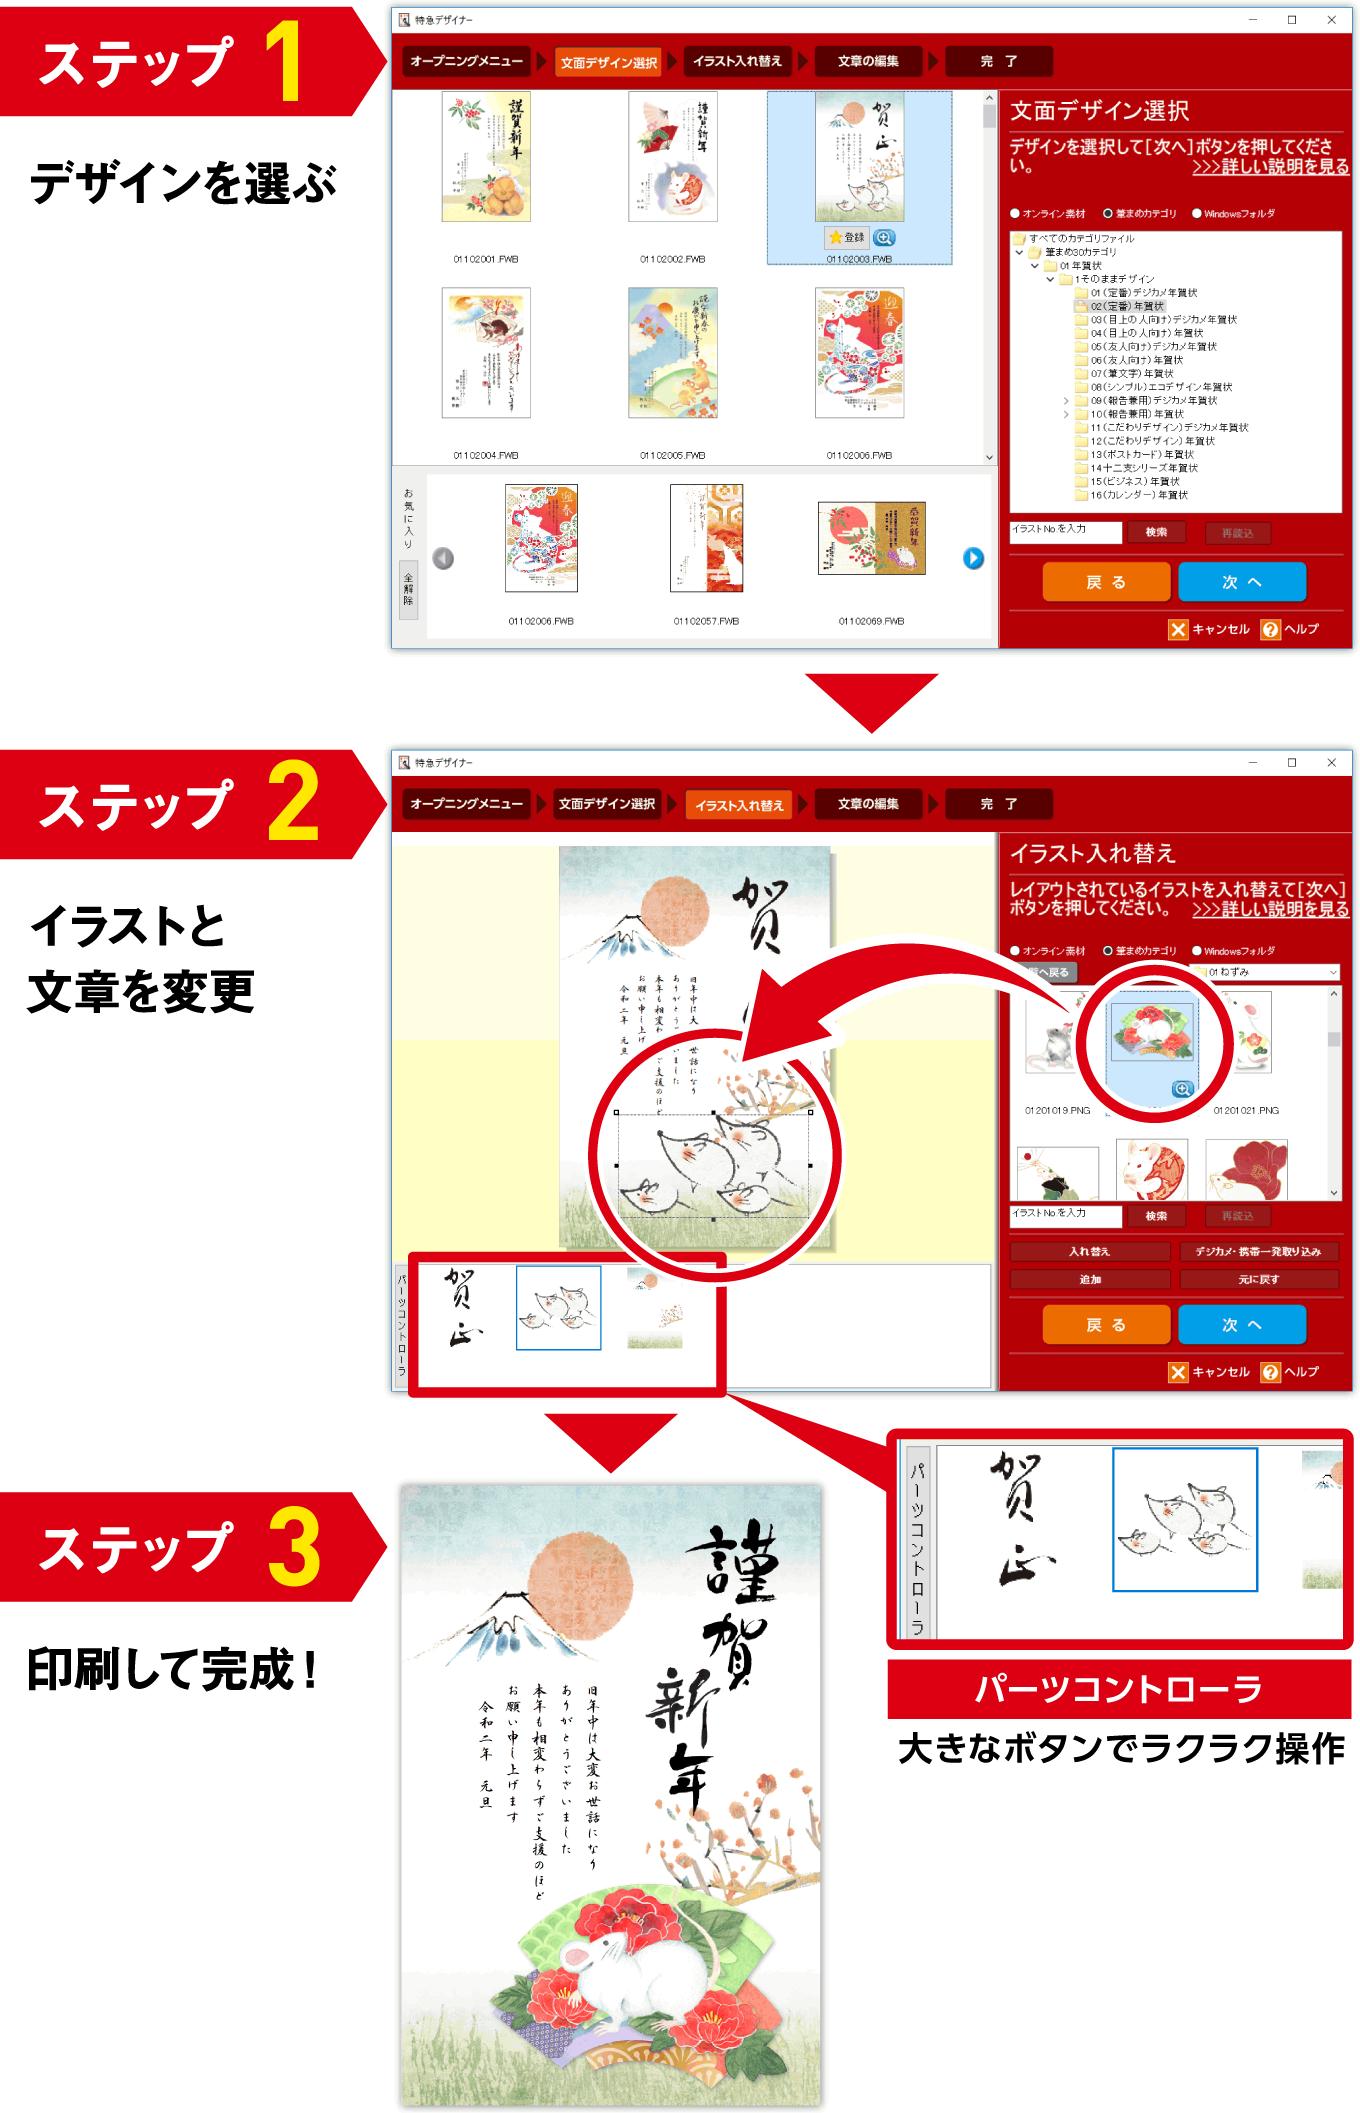 3_デザイン編集_03_特急デザイナー